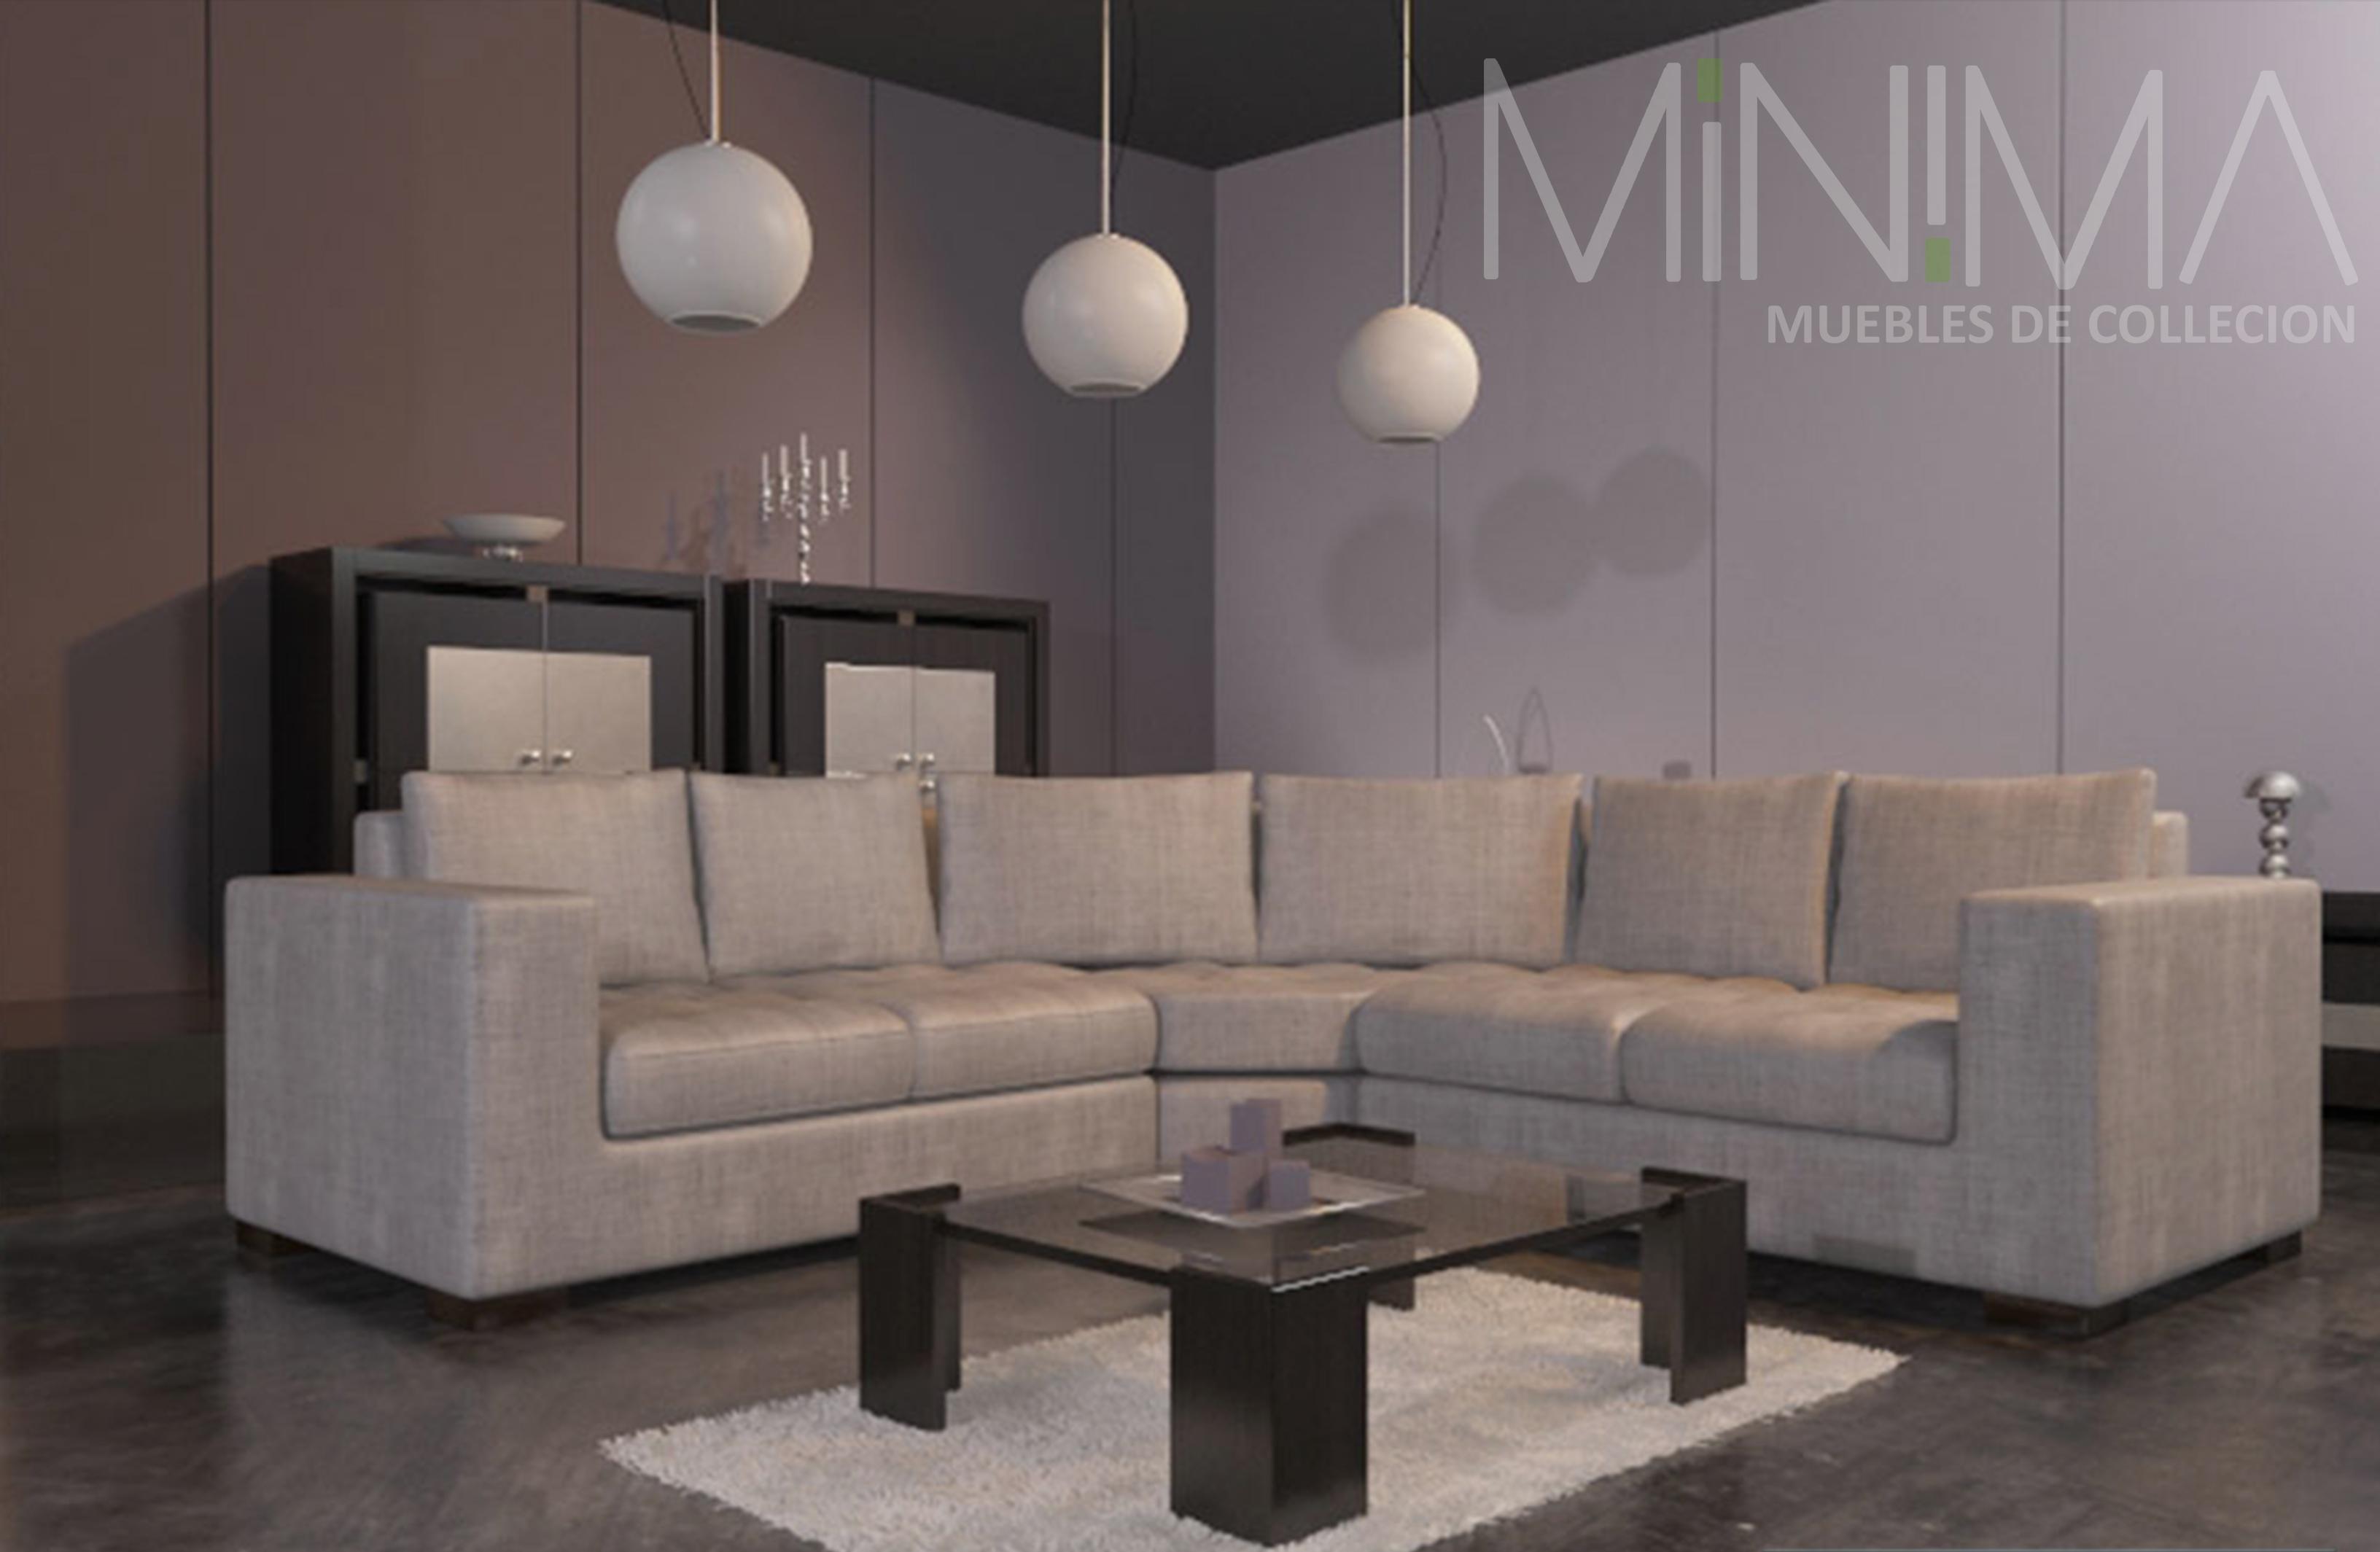 Mesa de regalos regala site - Bizzotto italia muebles ...